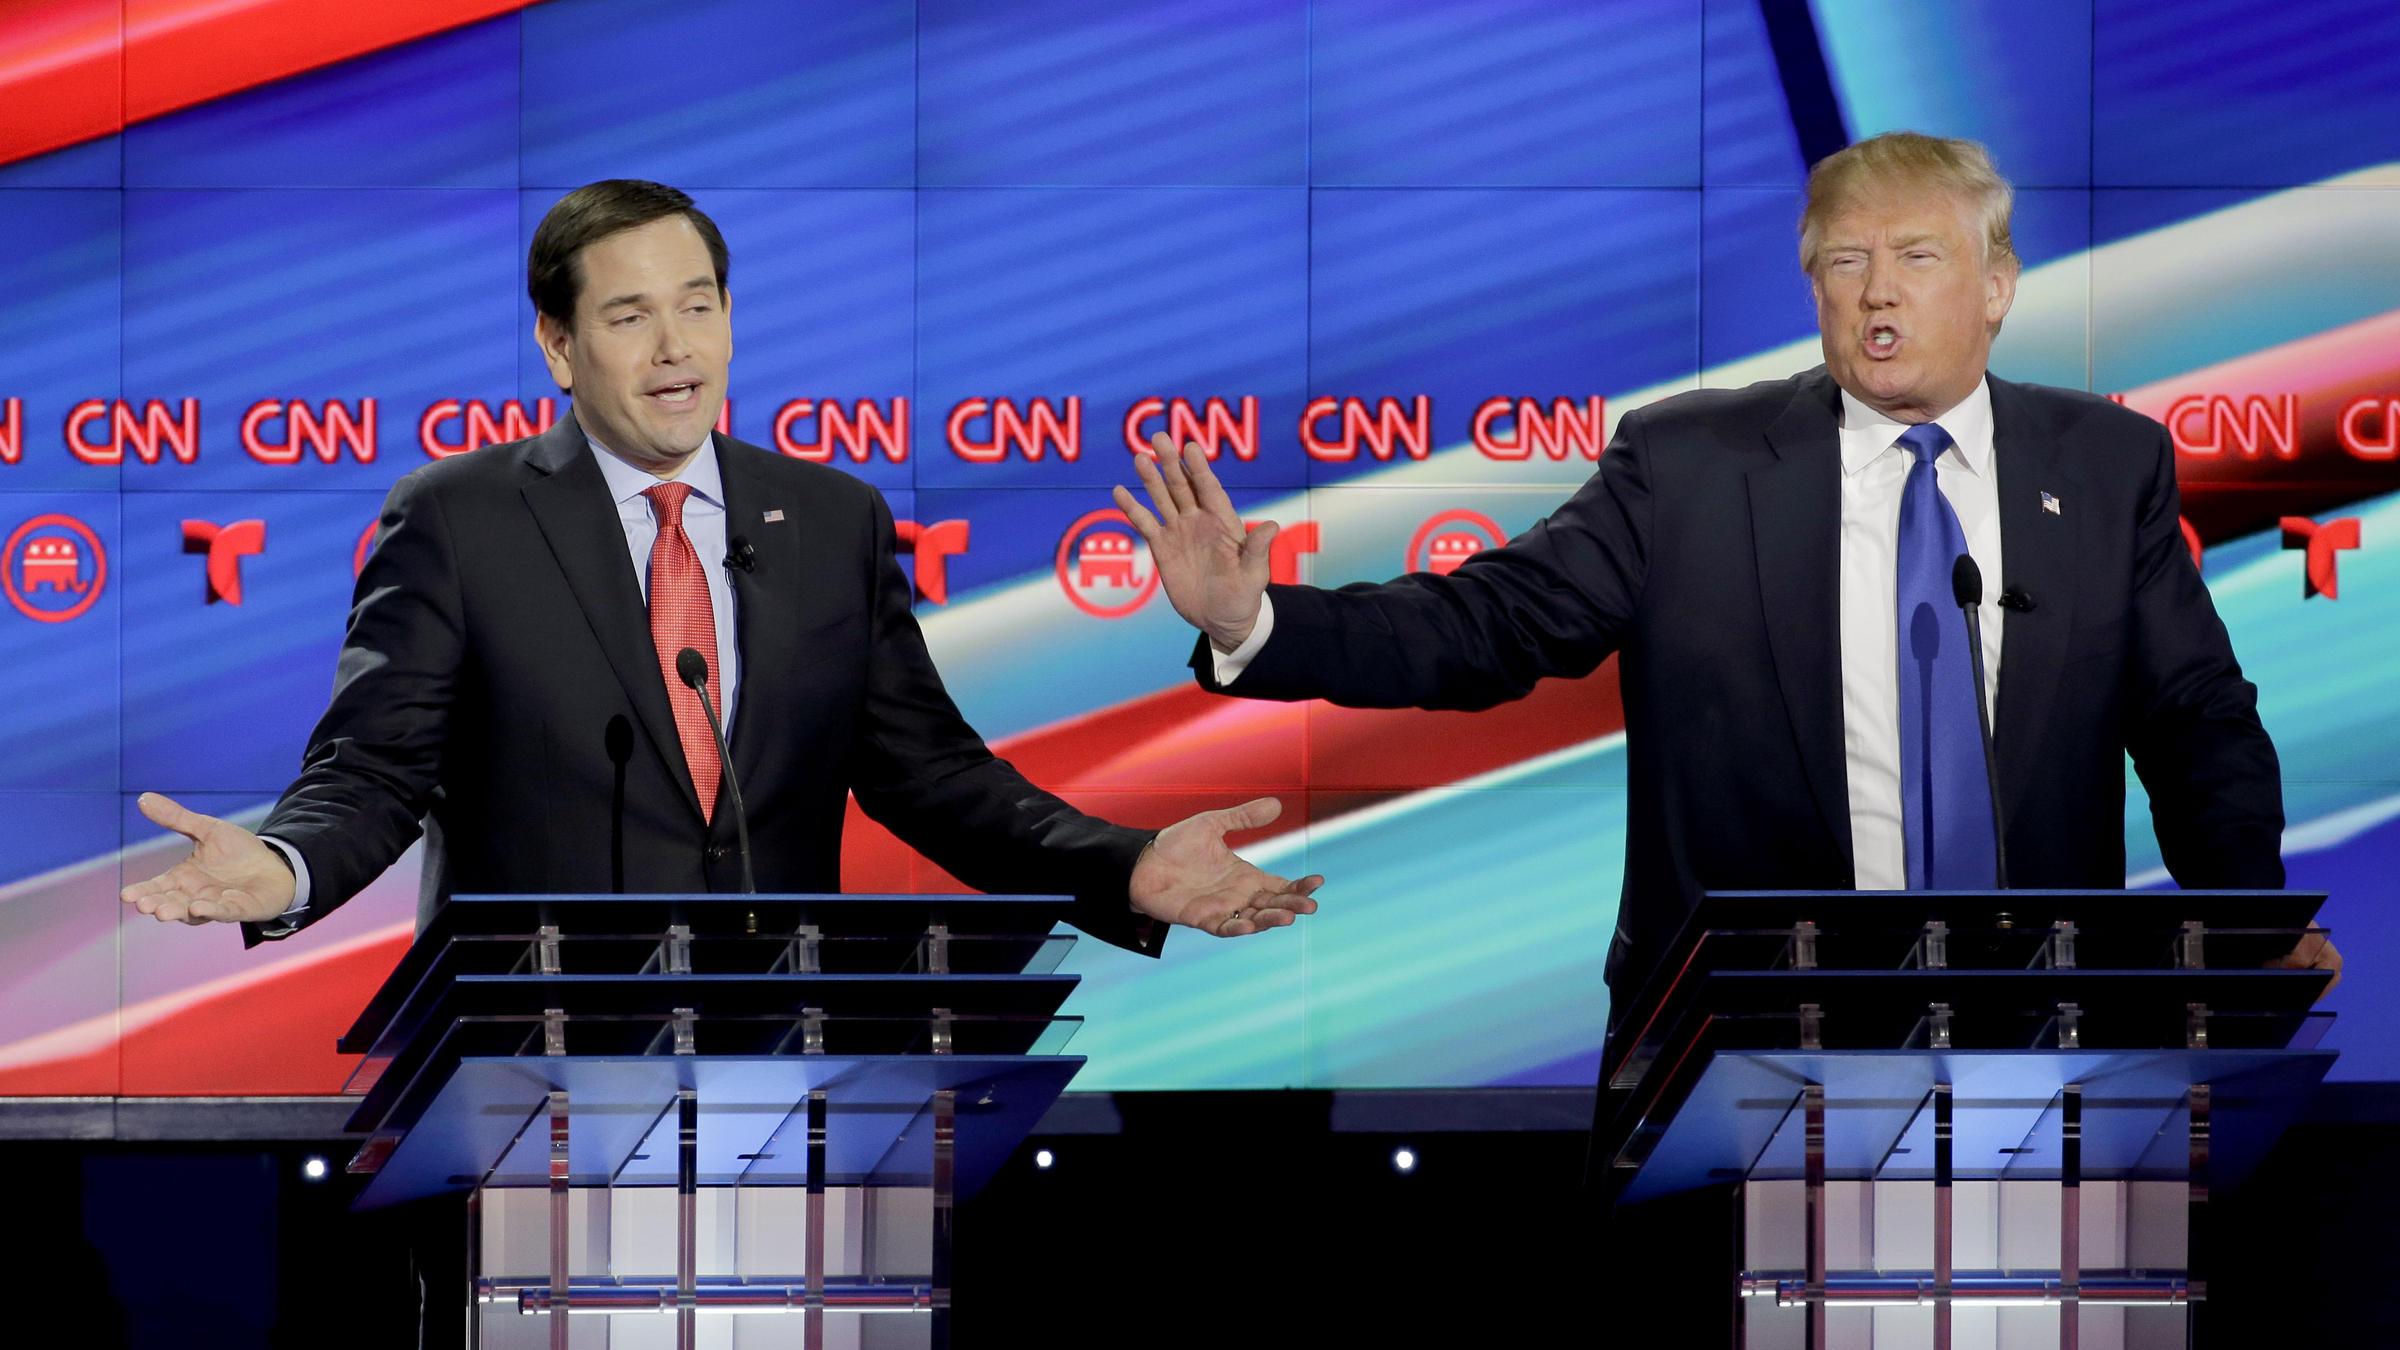 Trump has big lead over Rubio in Florida